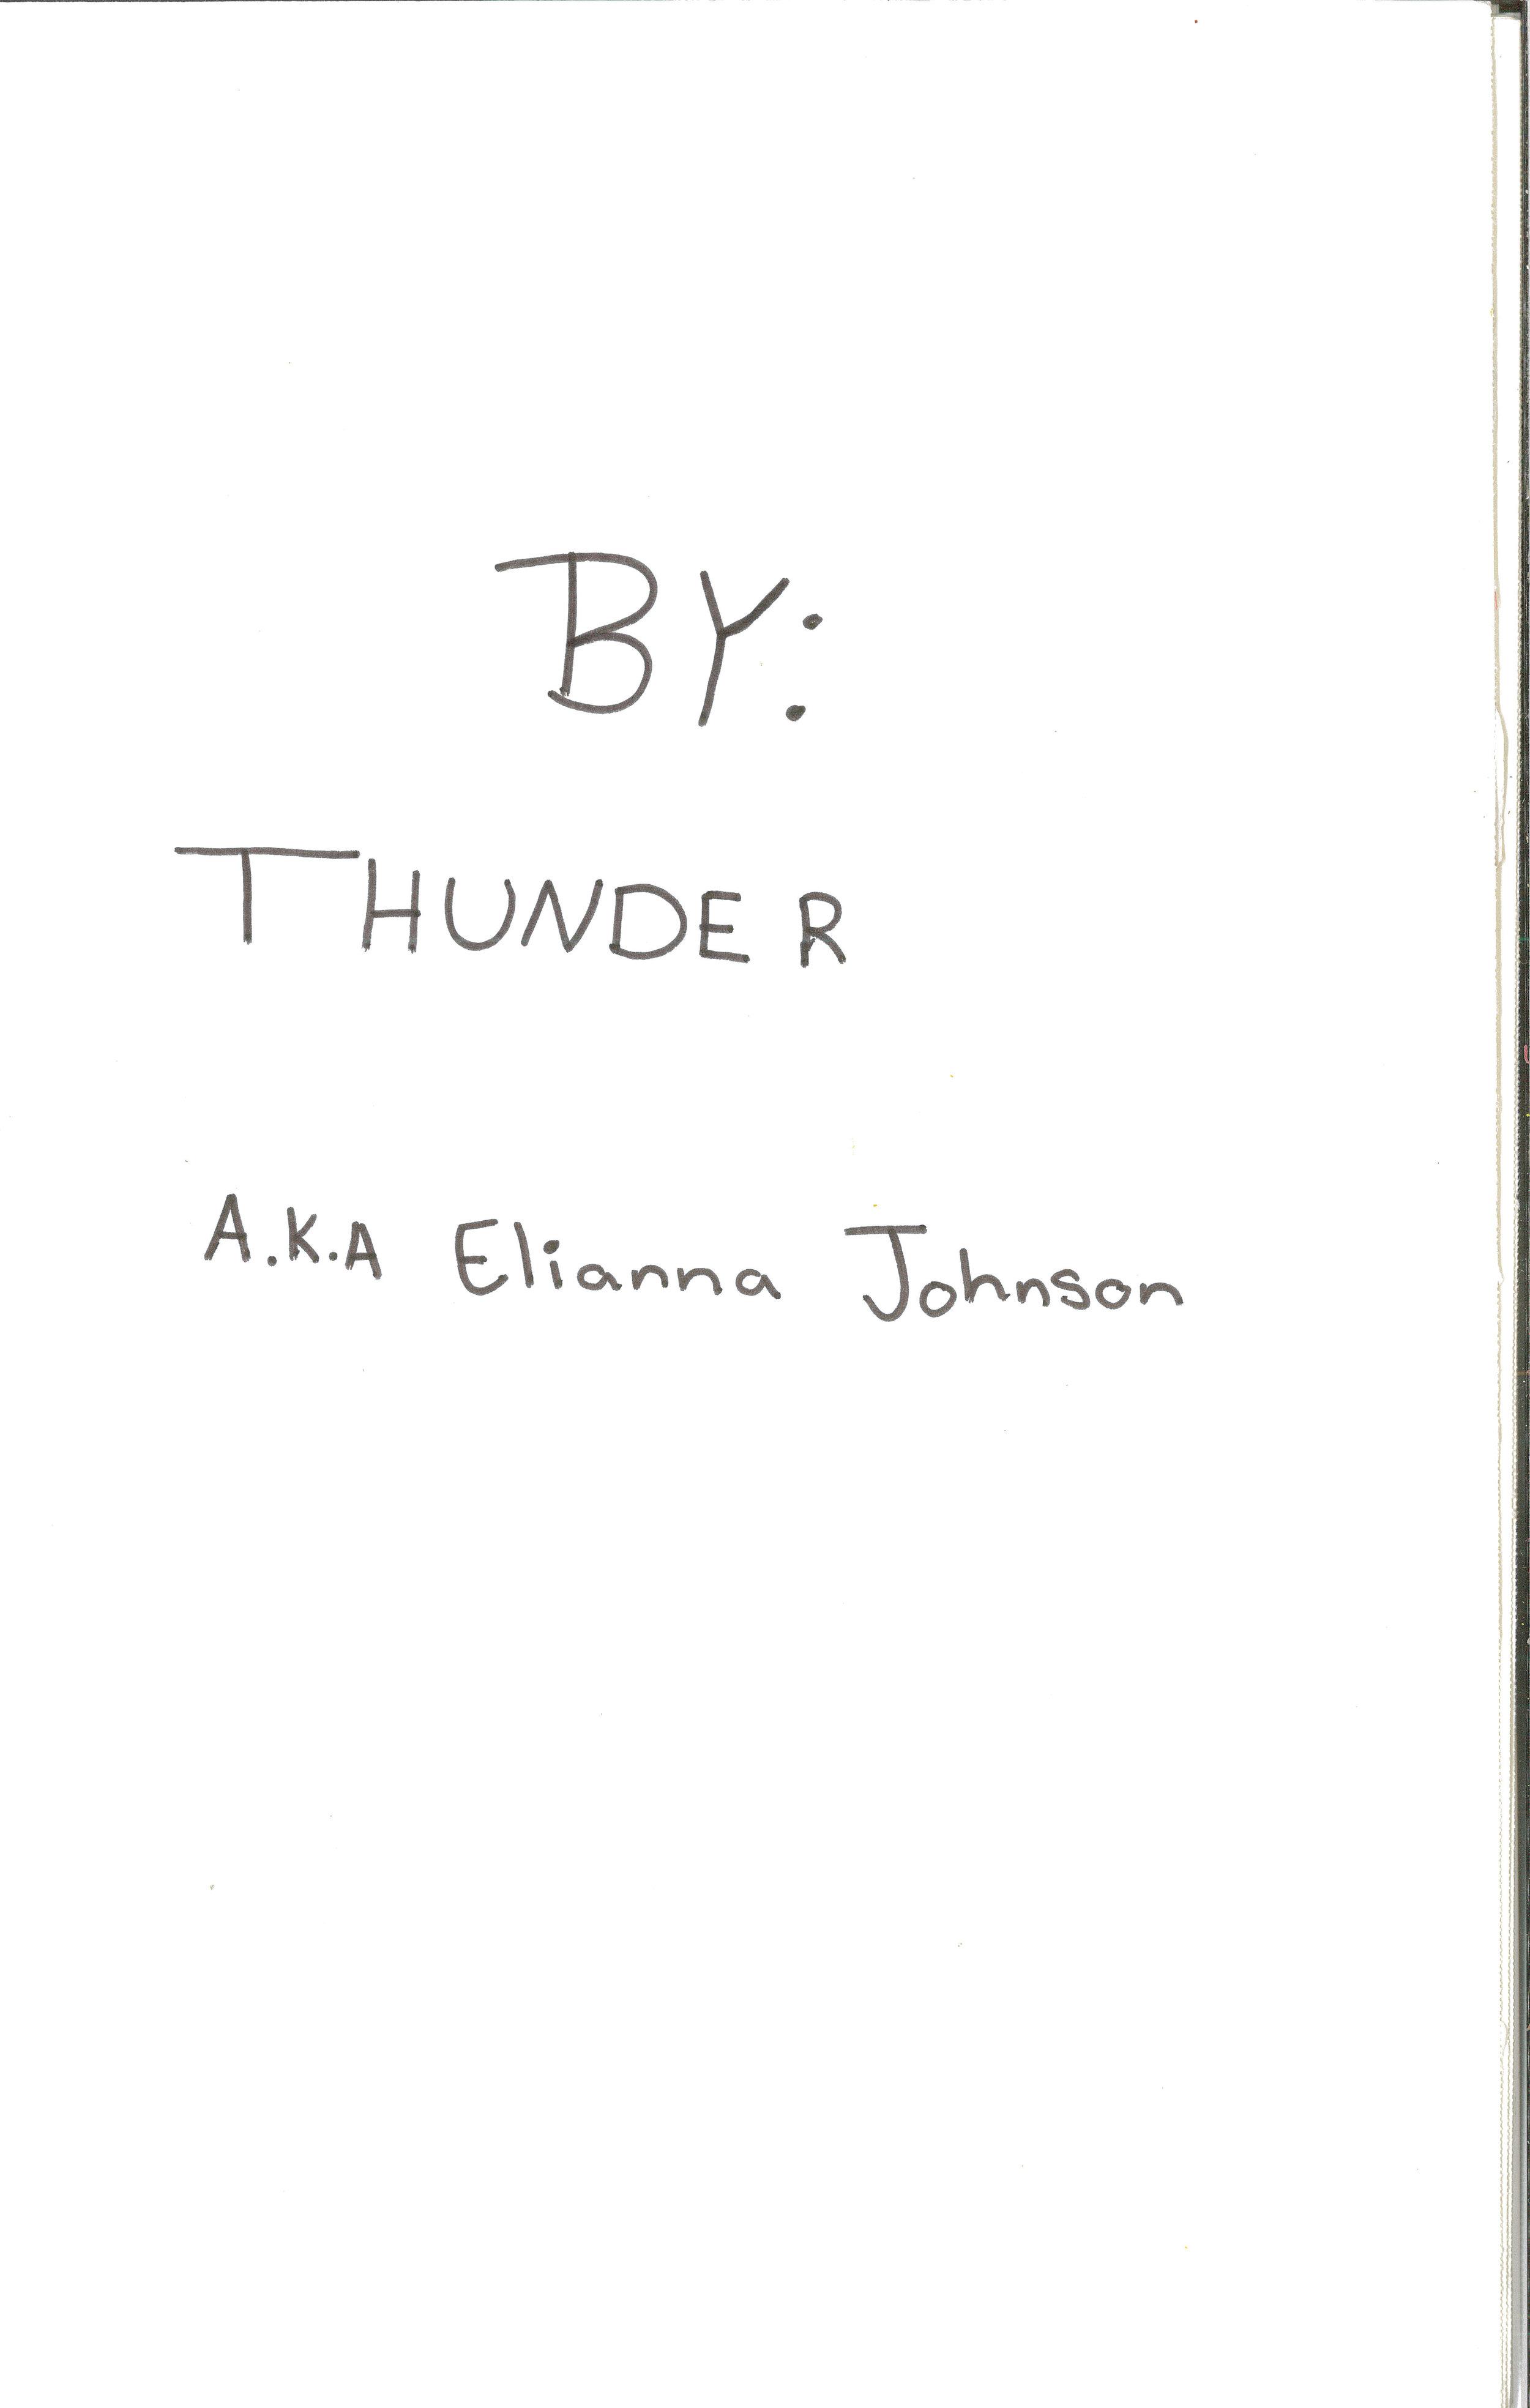 Thunder 2.jpg